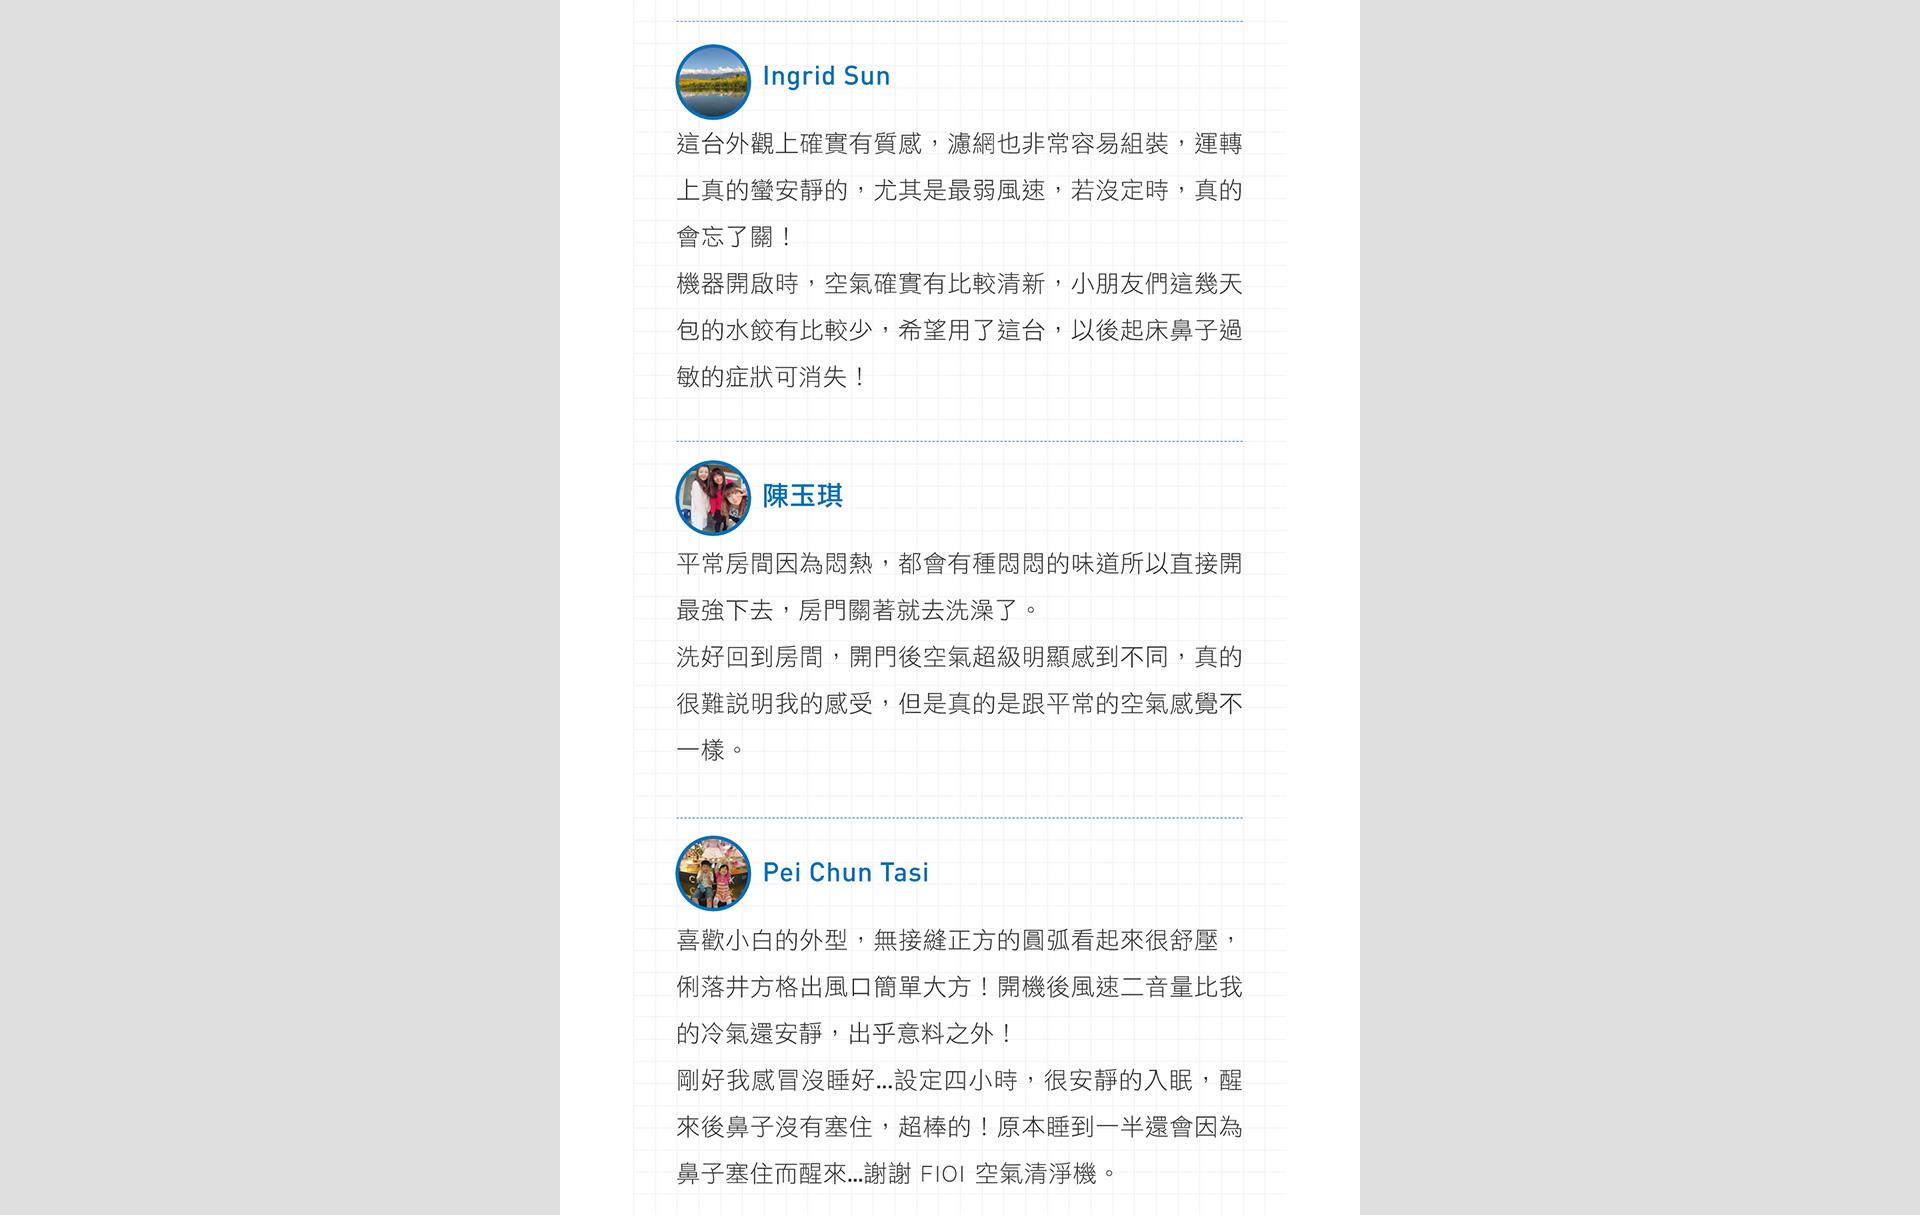 f101_14周年慶-Mobile版_20191104_V4_pc_19